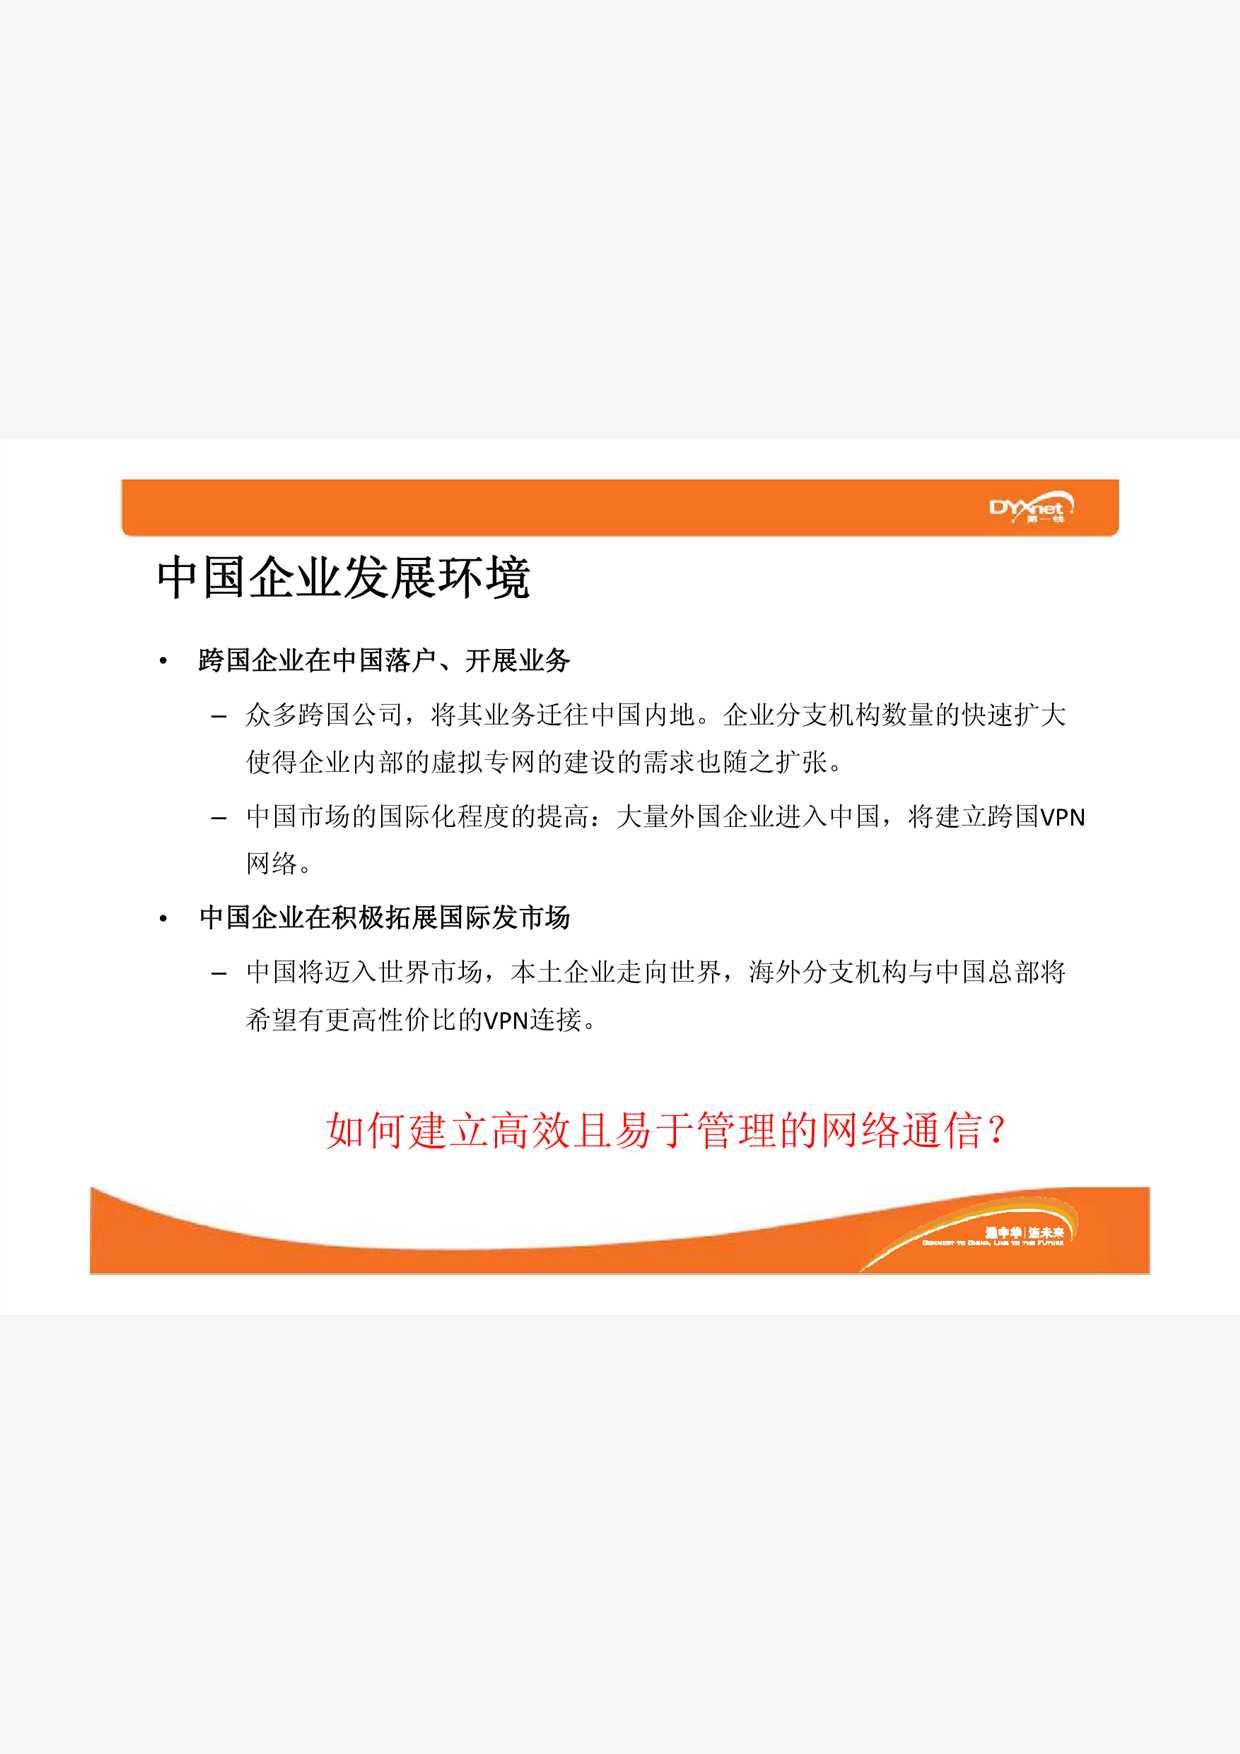 第一线安莱集团业务副总经理 王宝麟:做跨地区企业it业务的通信平台